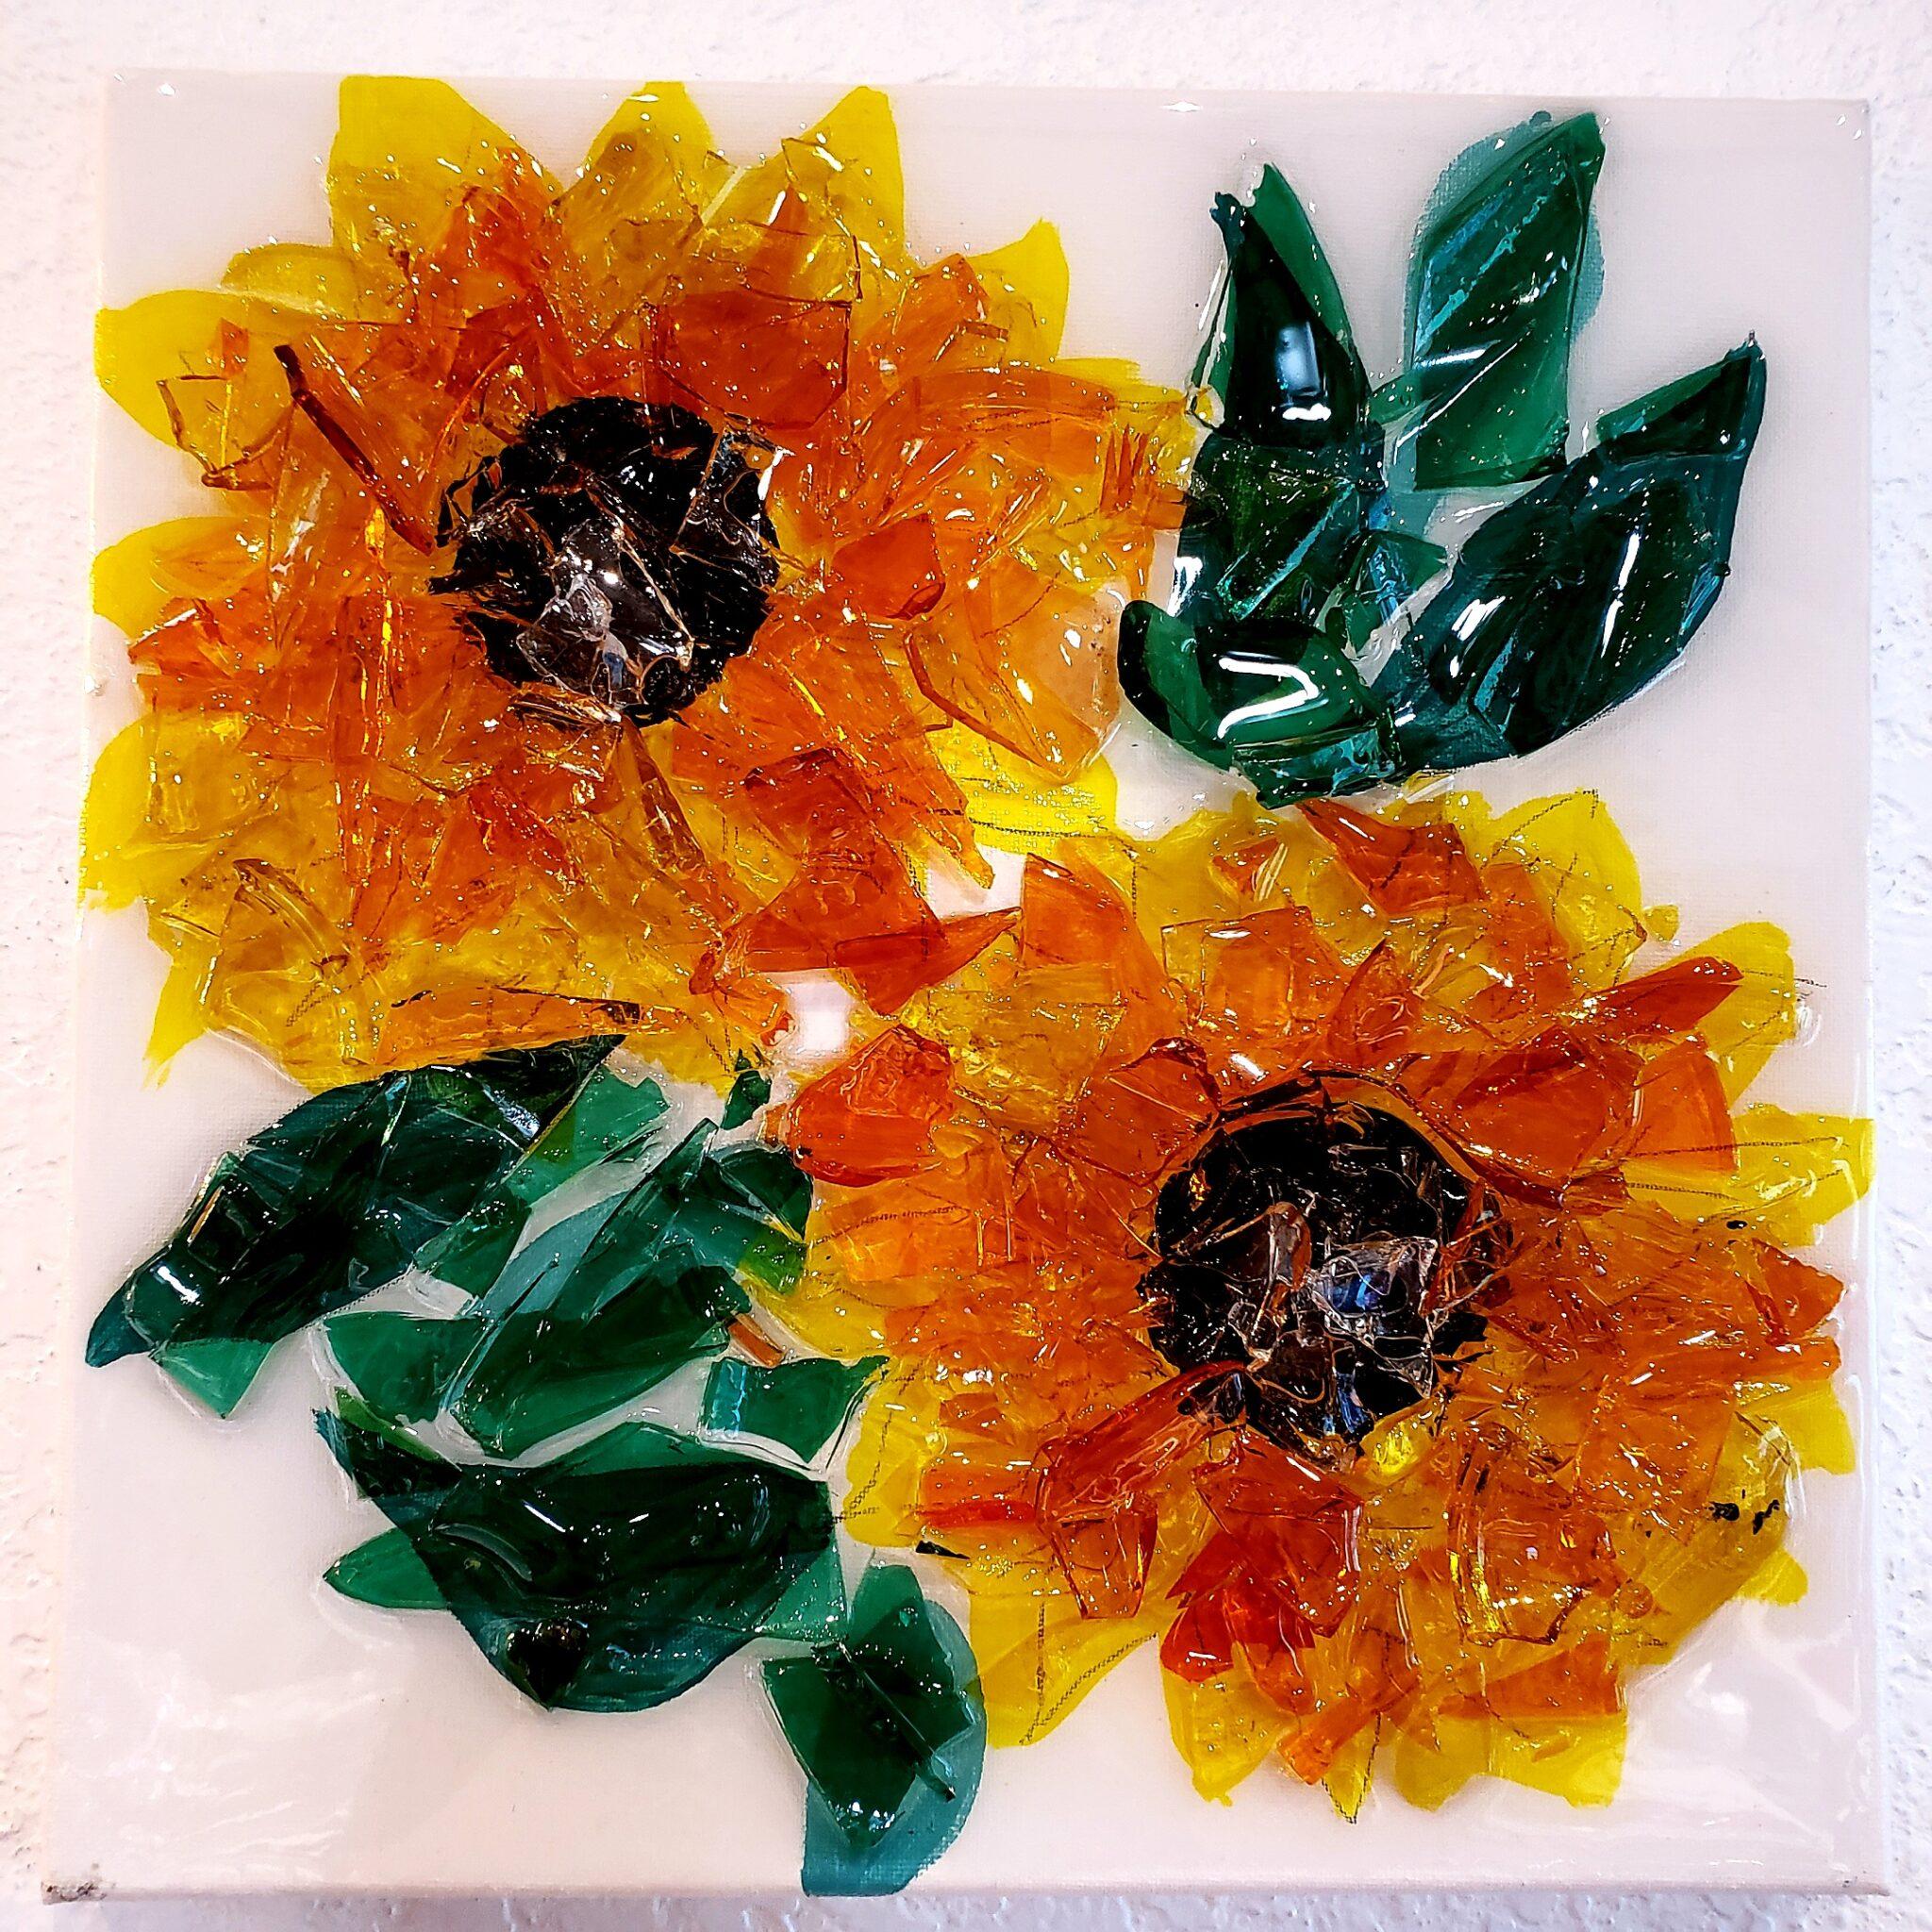 Smash Glass & Resin Art